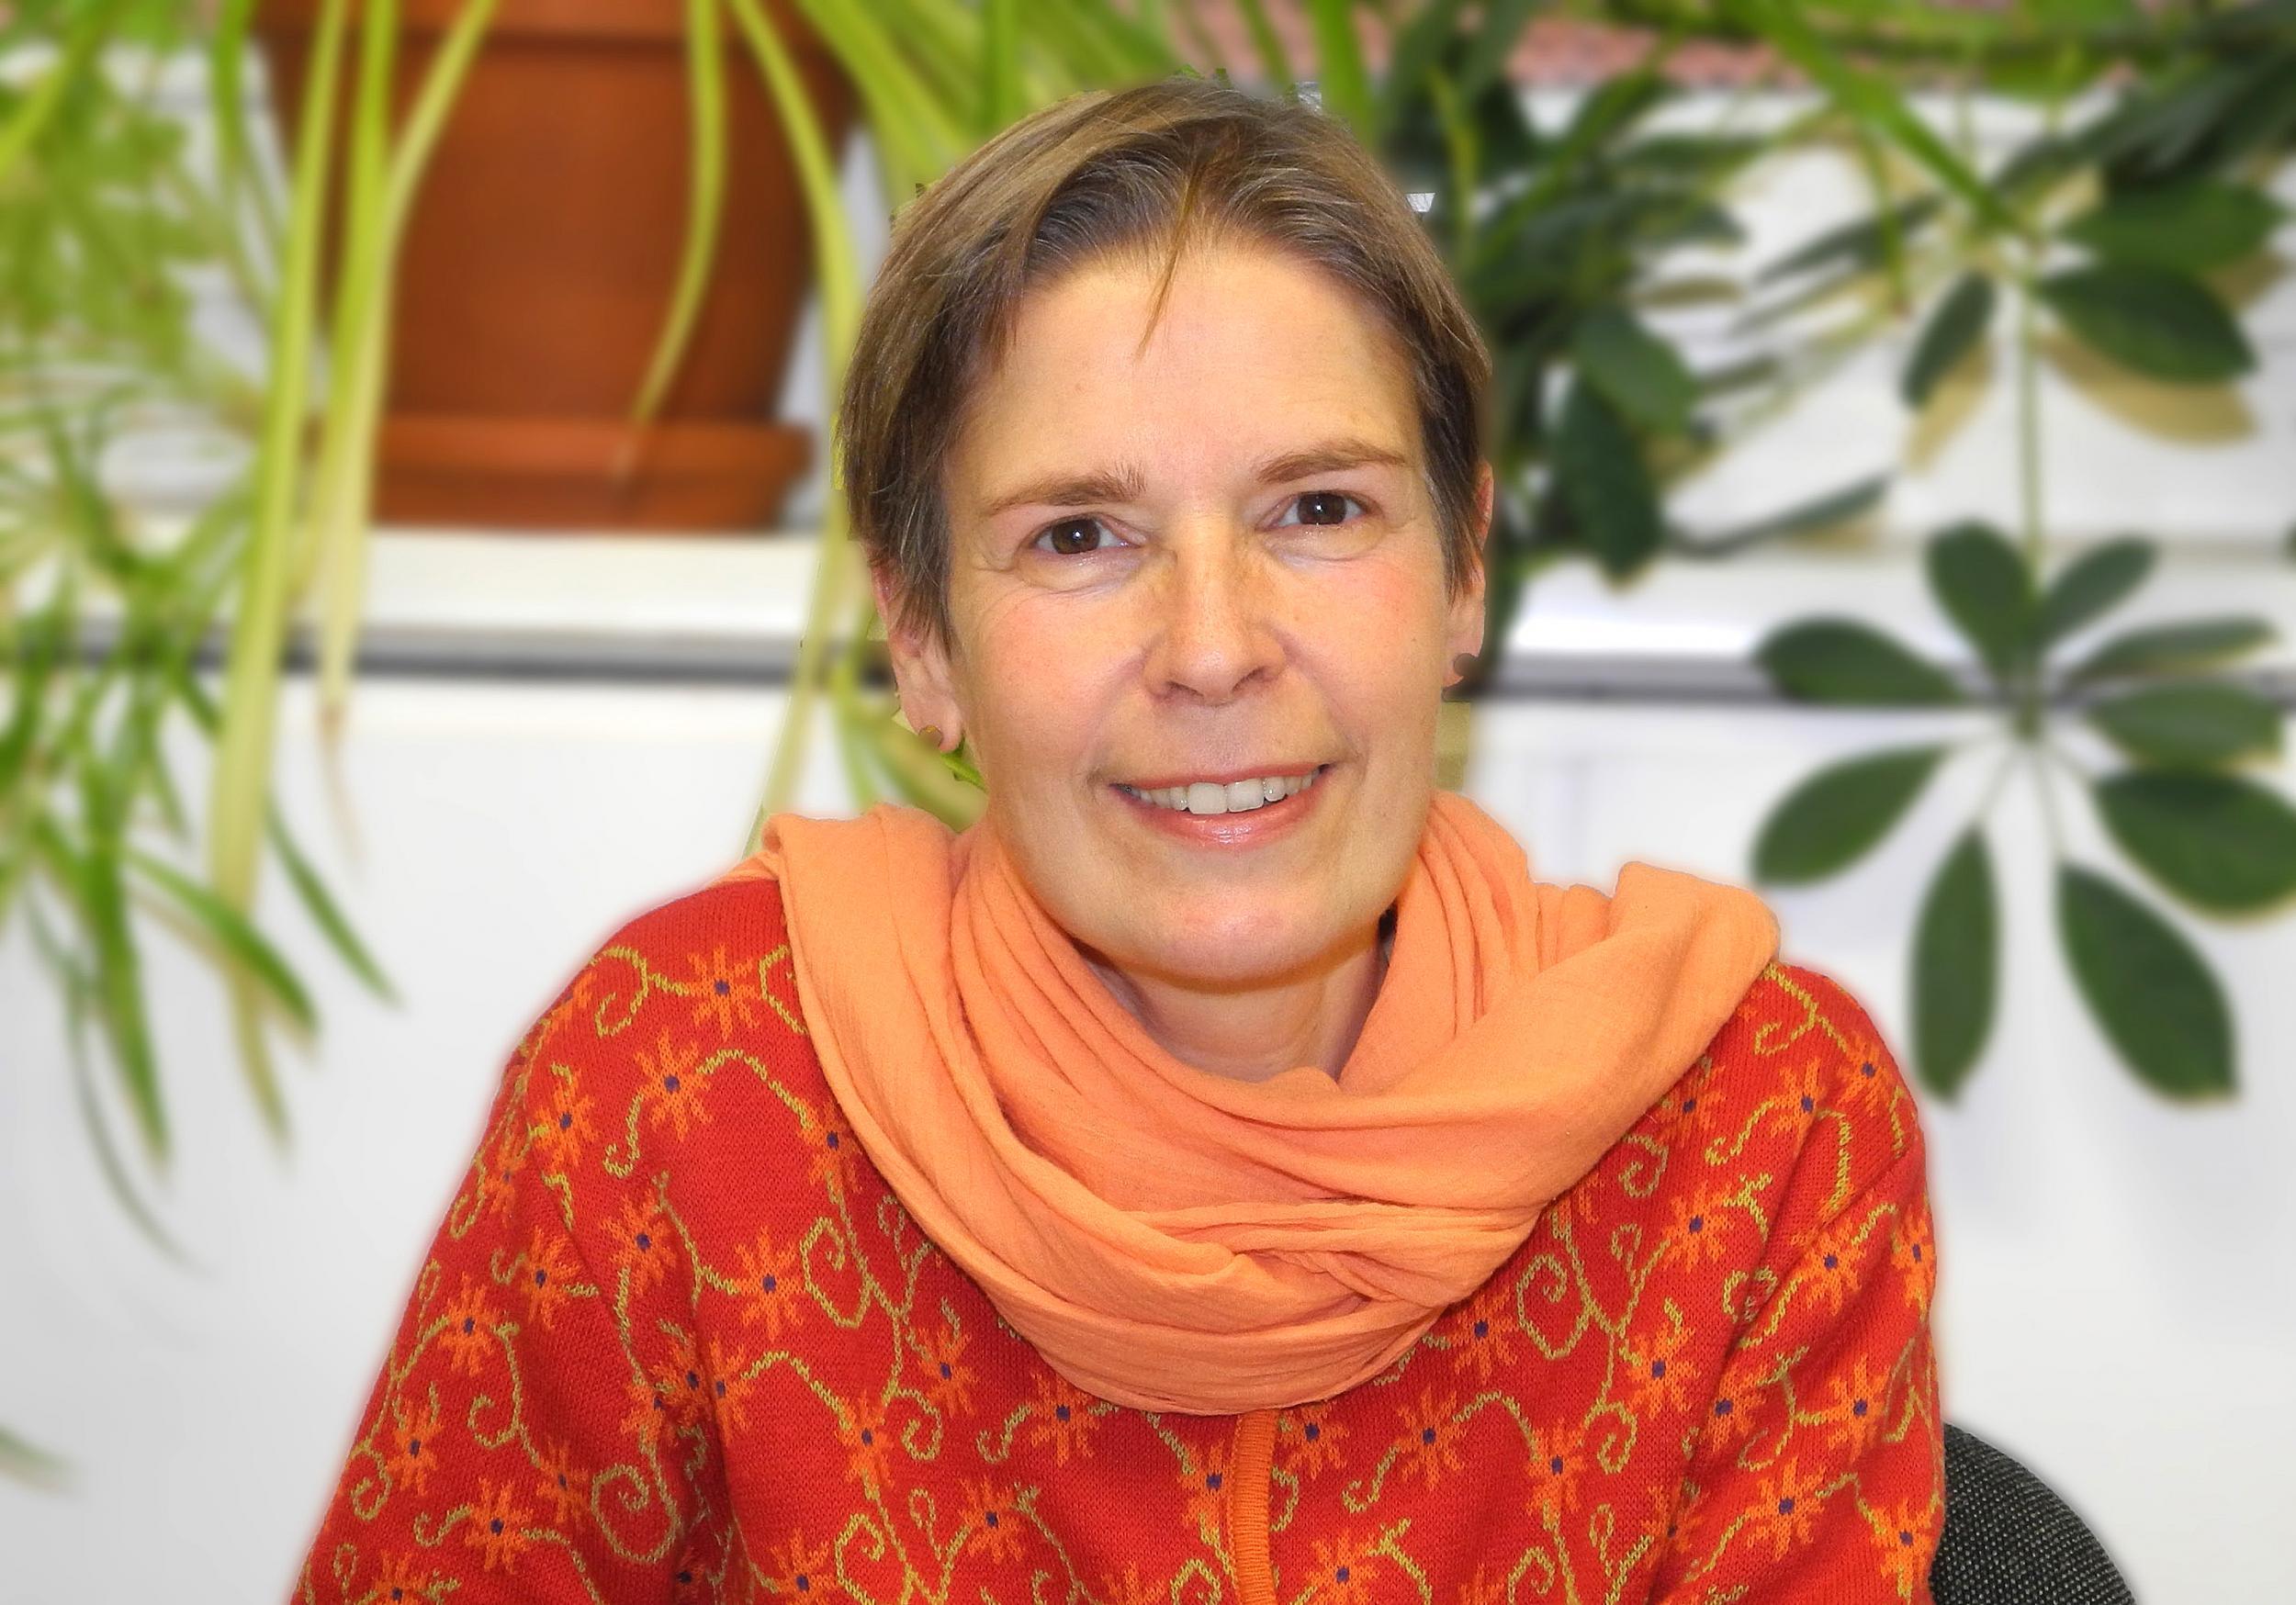 Maybrit Hugo, Gleichstellungsbeauftragte der Stadt Braunschweig